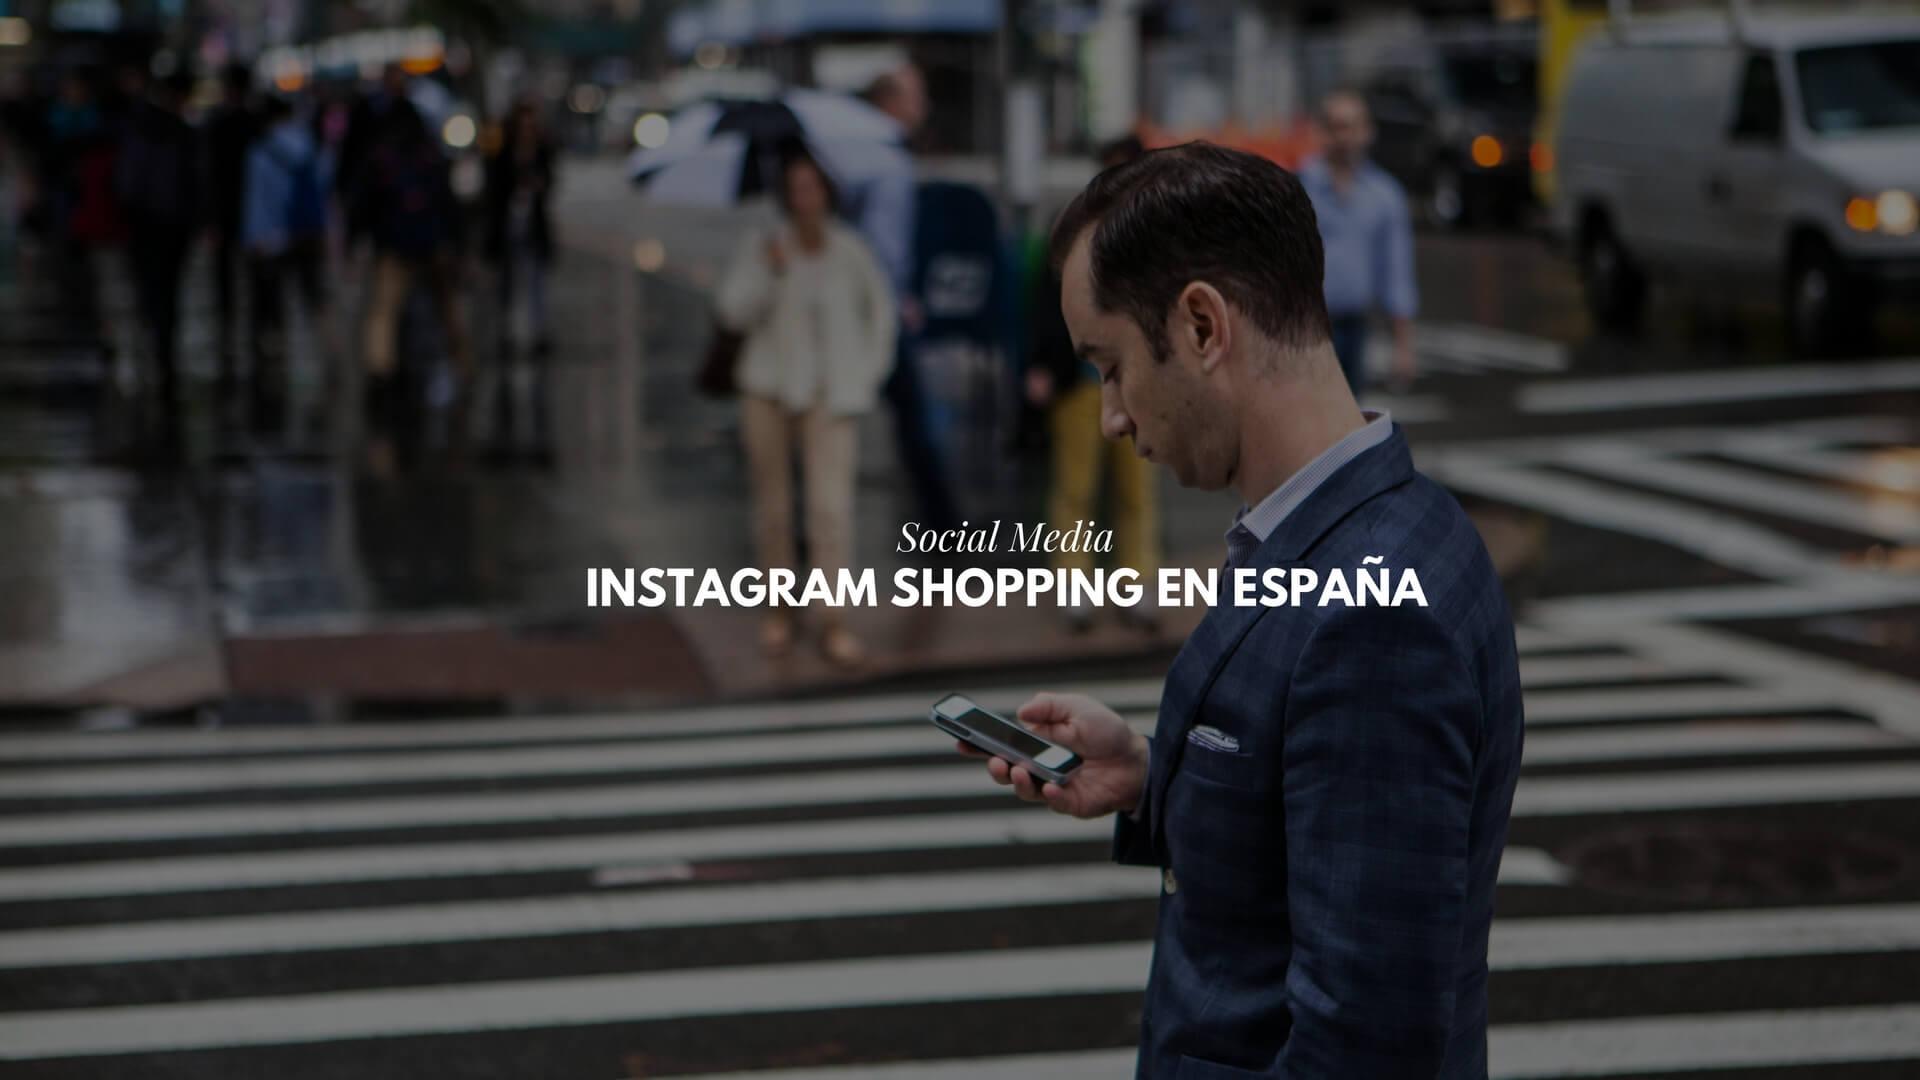 Instagram Shopping en España: cómo vender en Instagram